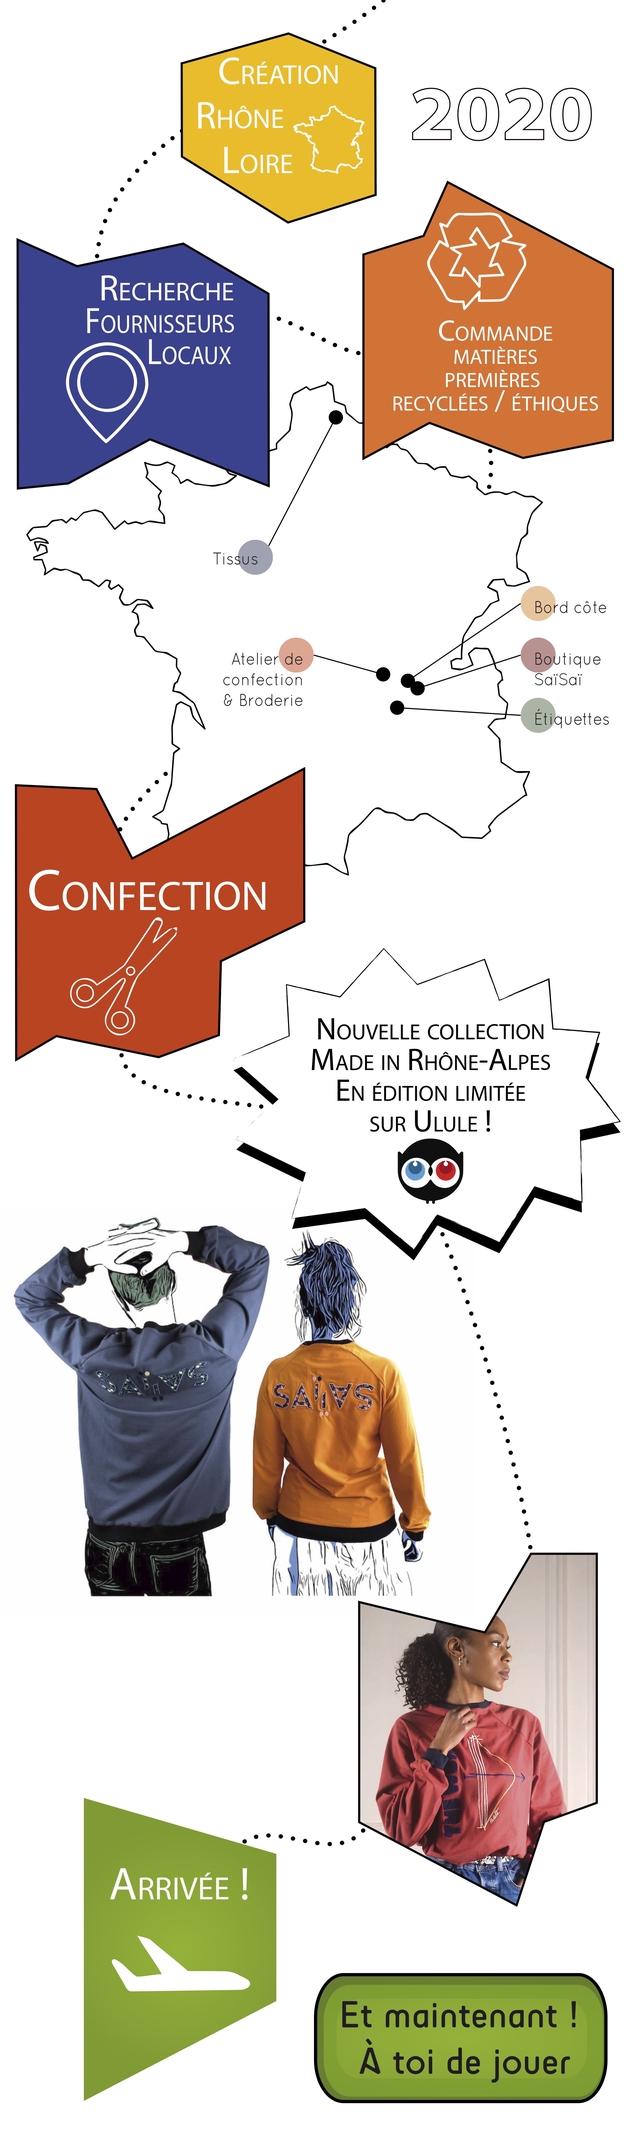 CREATION RHONE 2020 OIRE RECHERCHE FOURNISSEURS COMMANDE LOCAUX MATIERES PREMIERES RECYCLEES ETHIQUES Tissus Bord cote Atelierde Boutique confection SaiSai & Broderie Etiquettes CONFECTION NOUVELLE COLLECTION MADE IN RHONE-ALPES EN EDITION LIMITEE SUR ULULE ! Et maintenant A toi de jouer